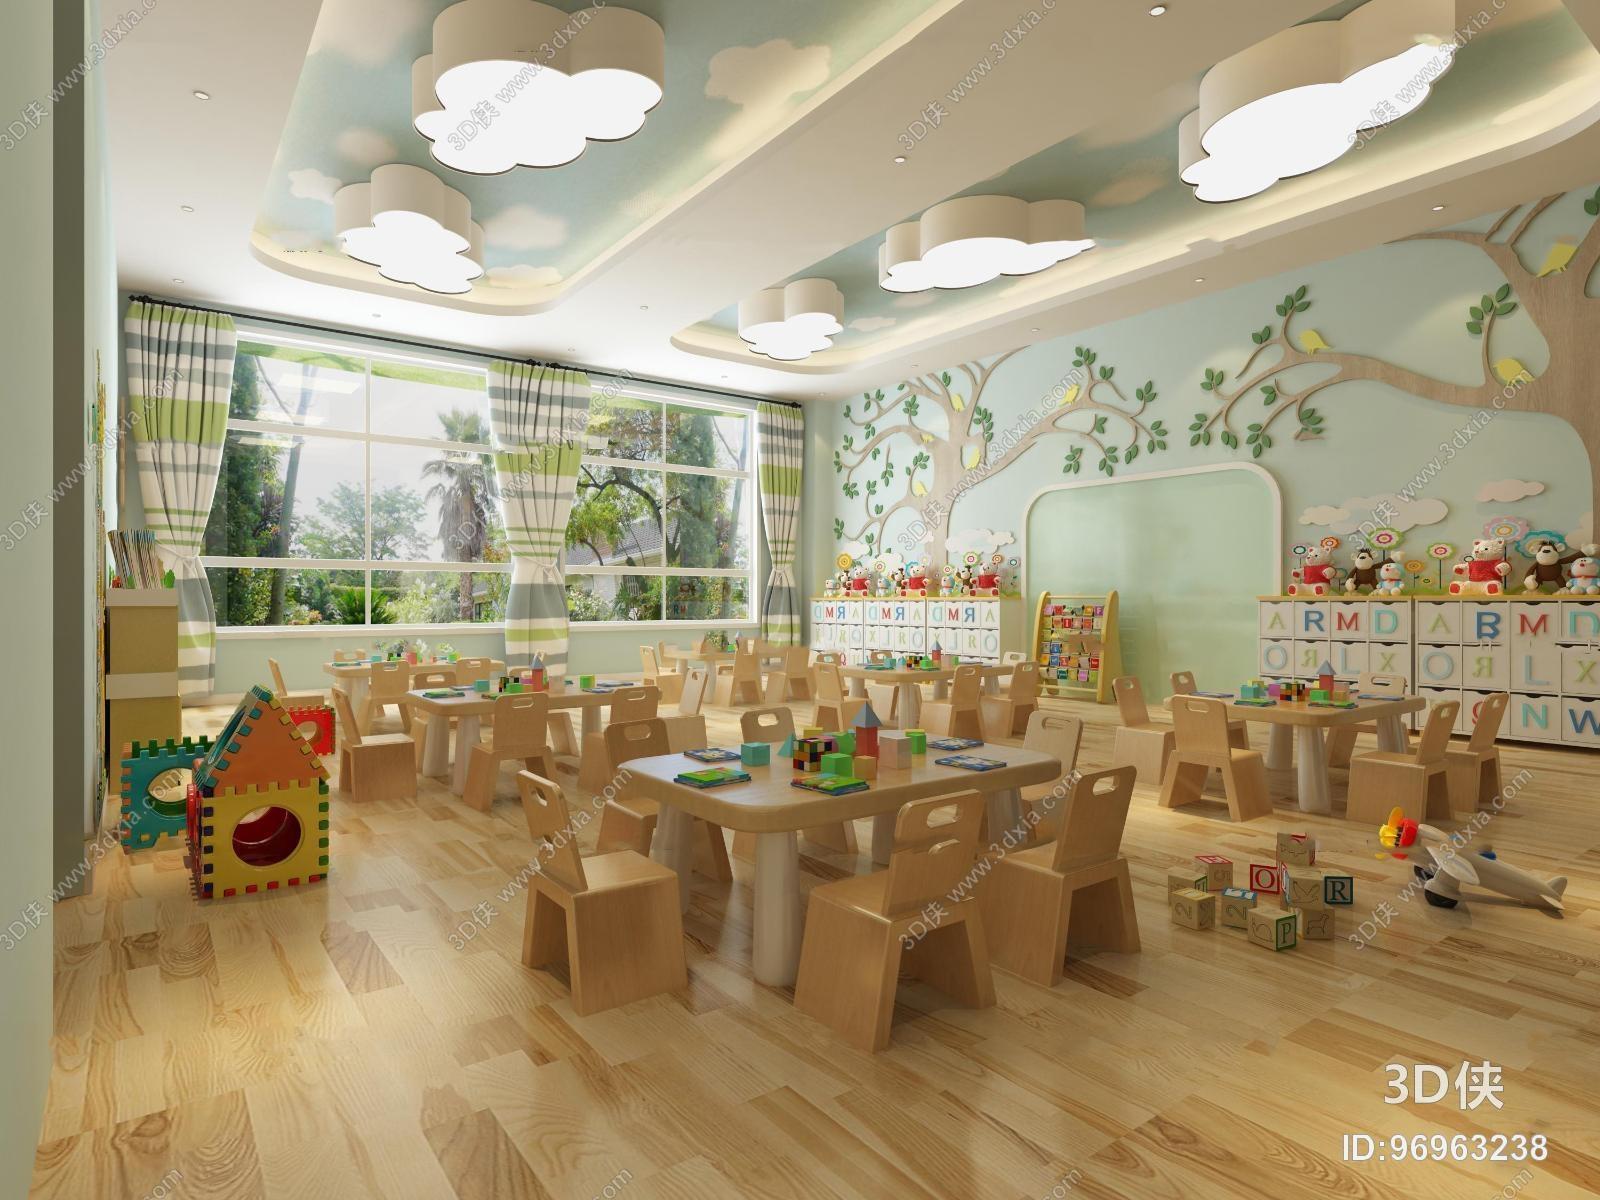 效果图素材免费下载,本作品主题是现代幼儿园教室3d模型,编号是969632